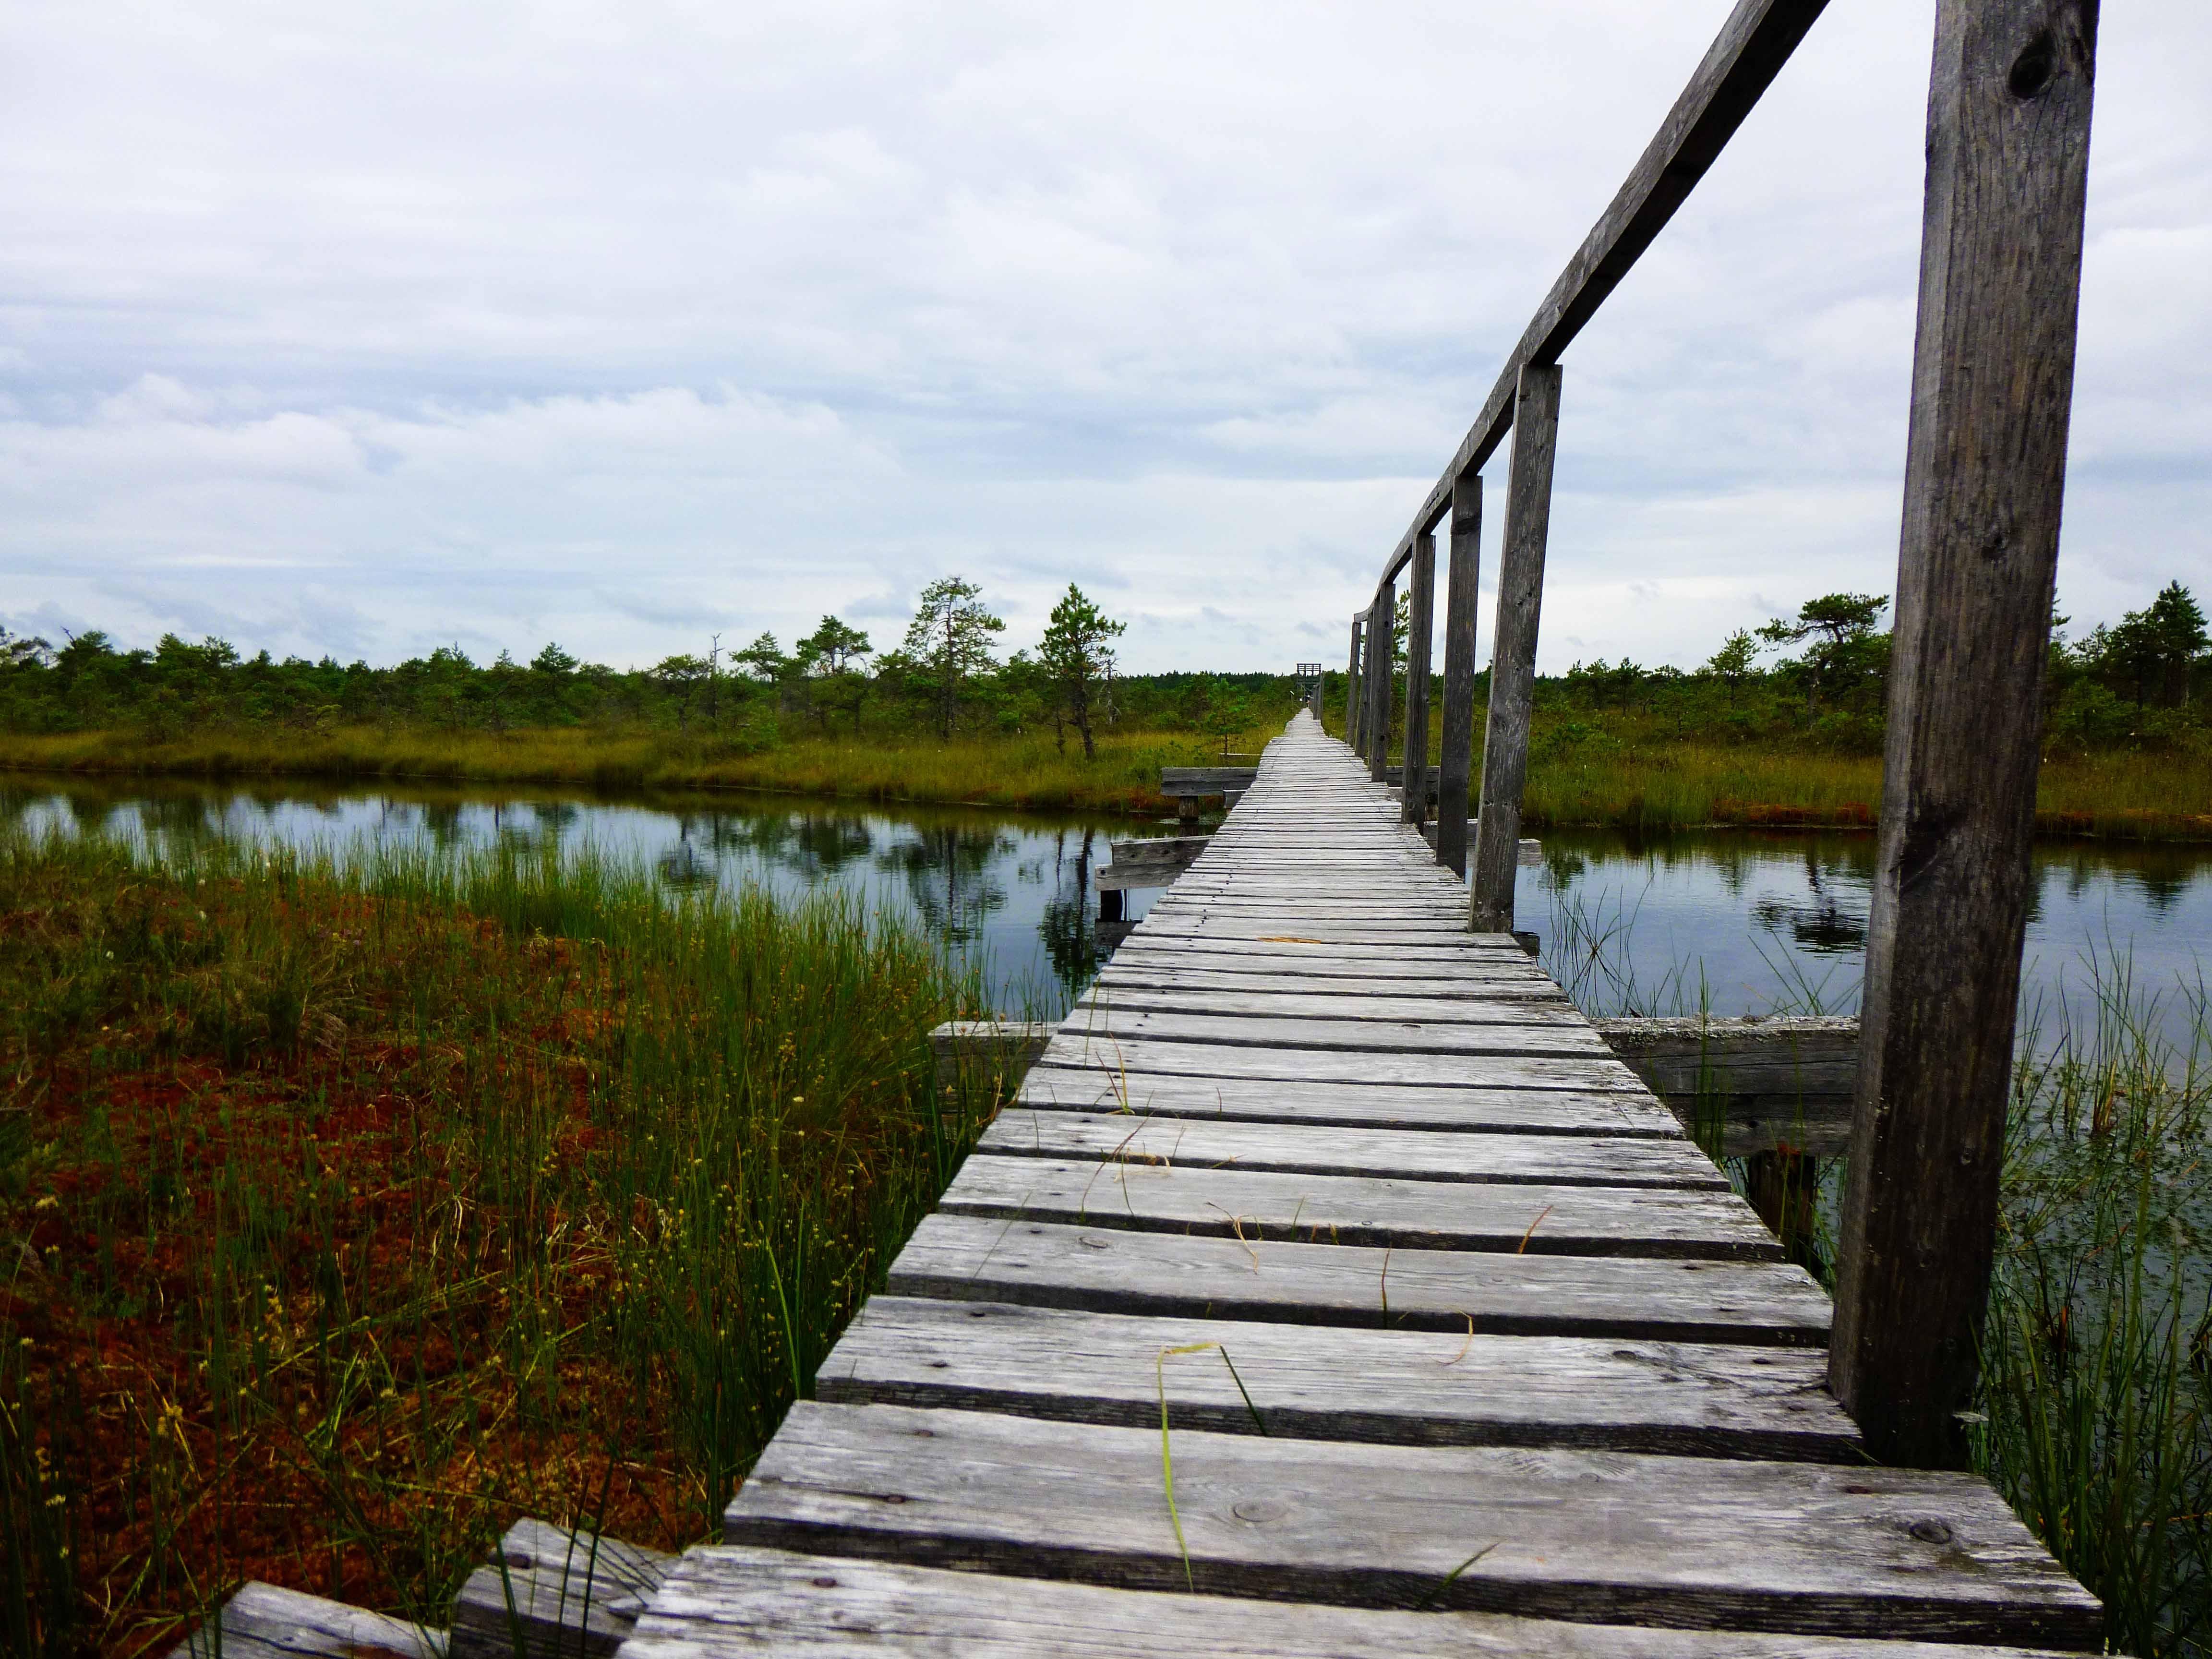 Endla-Moor in Zentral-Estland. Im wunderschönen Nirgendwo!